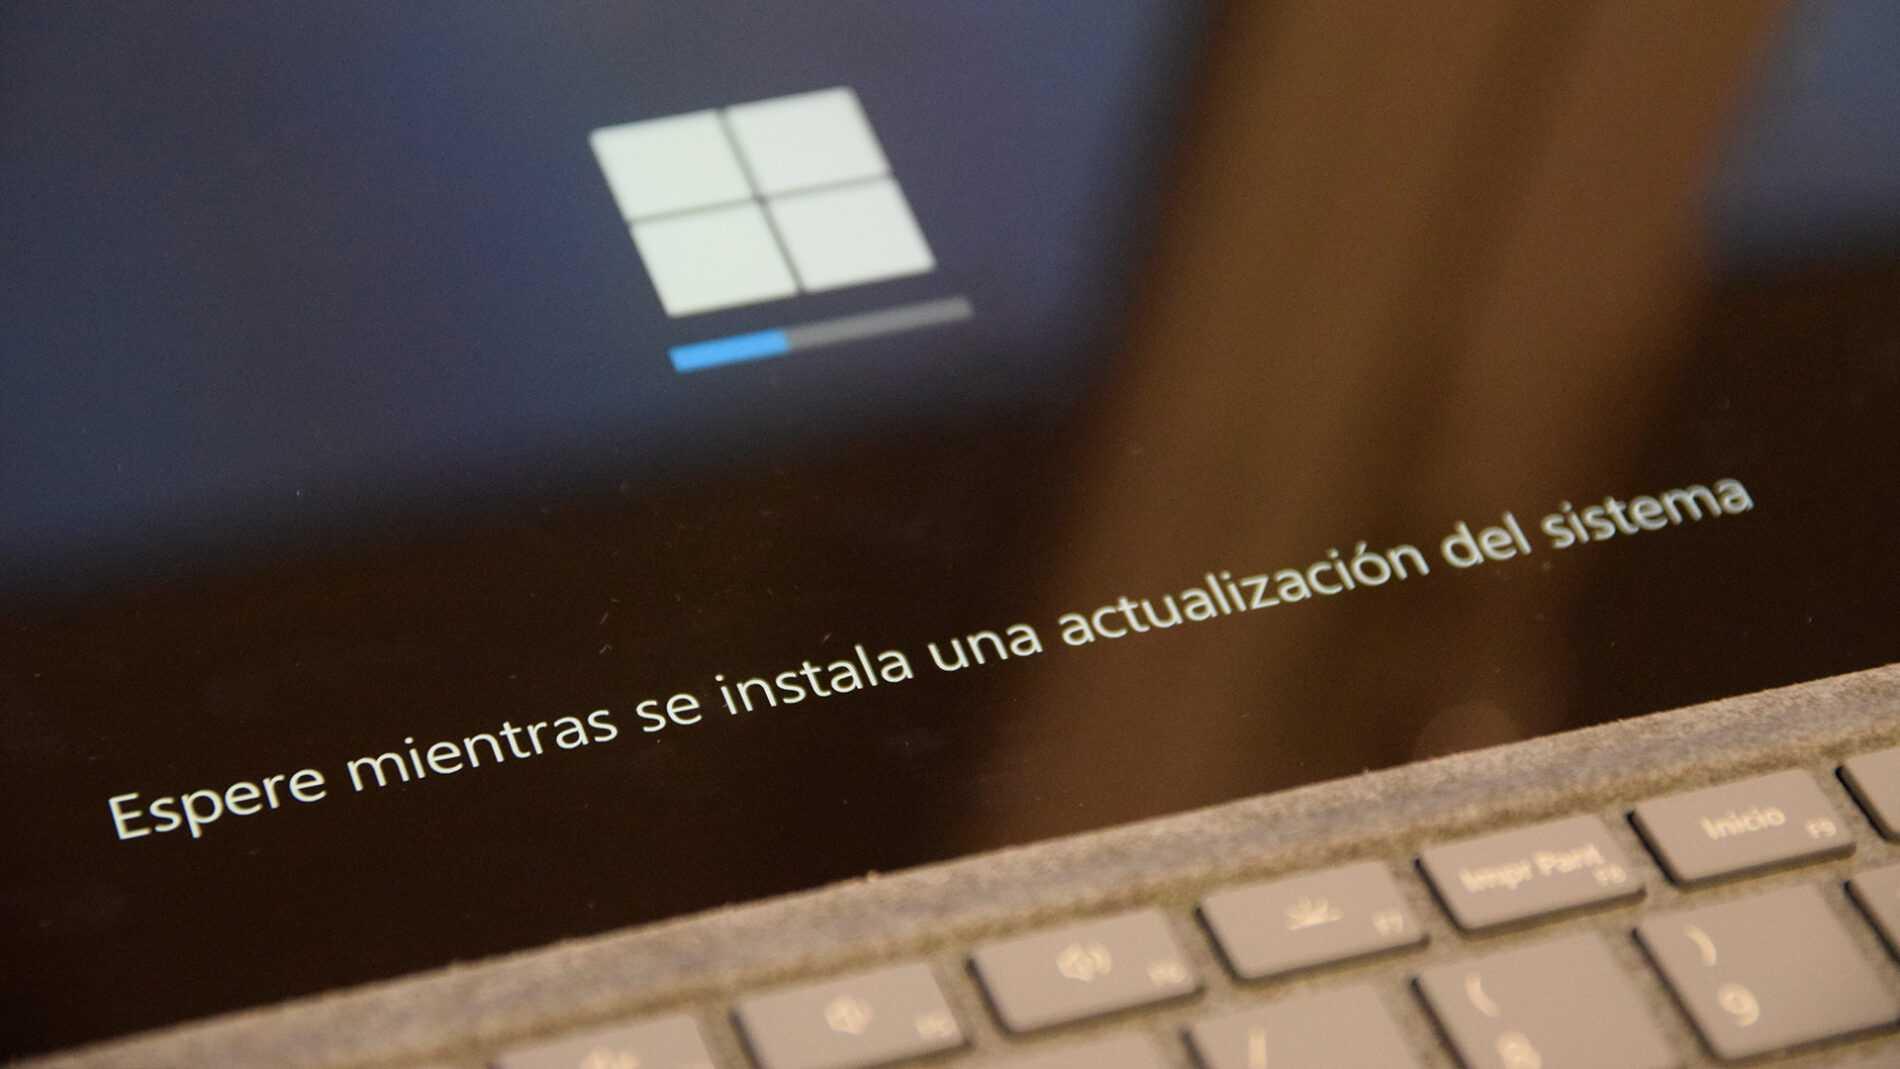 Nouveau firmware pour Surface Pro 7 maintenant disponible